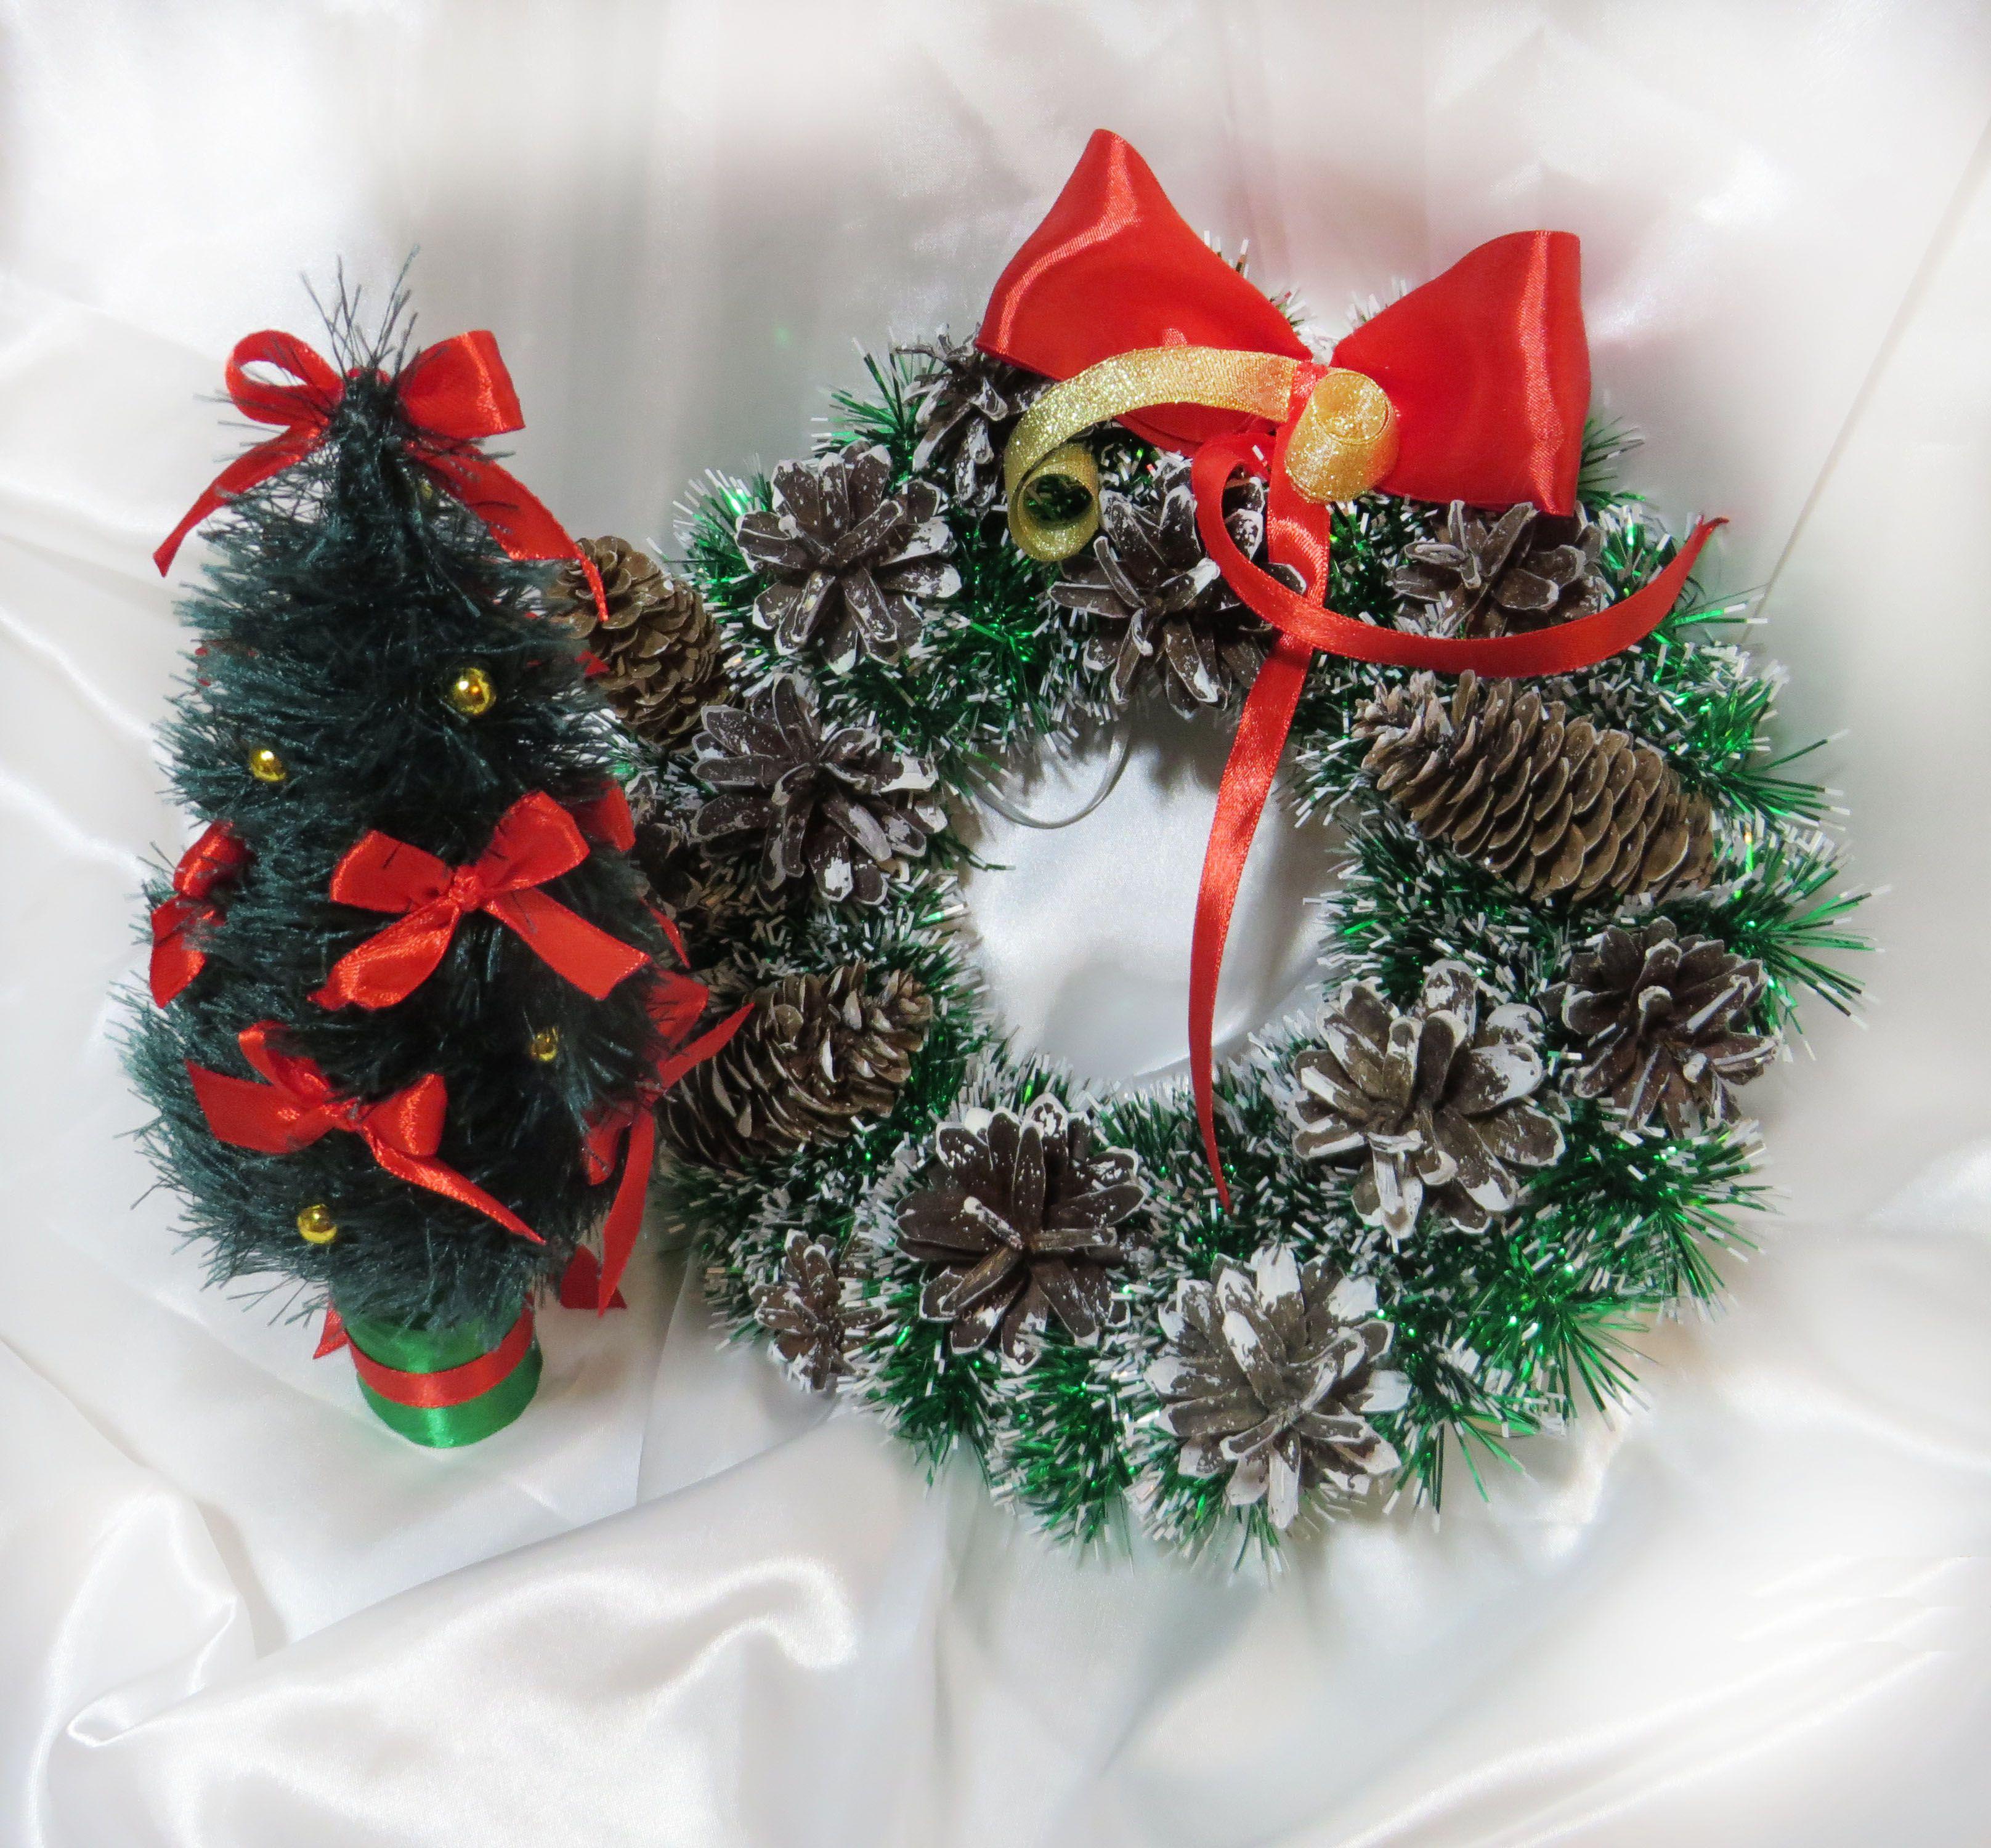 подарок год новогодний новый интерьерный сувенир венок